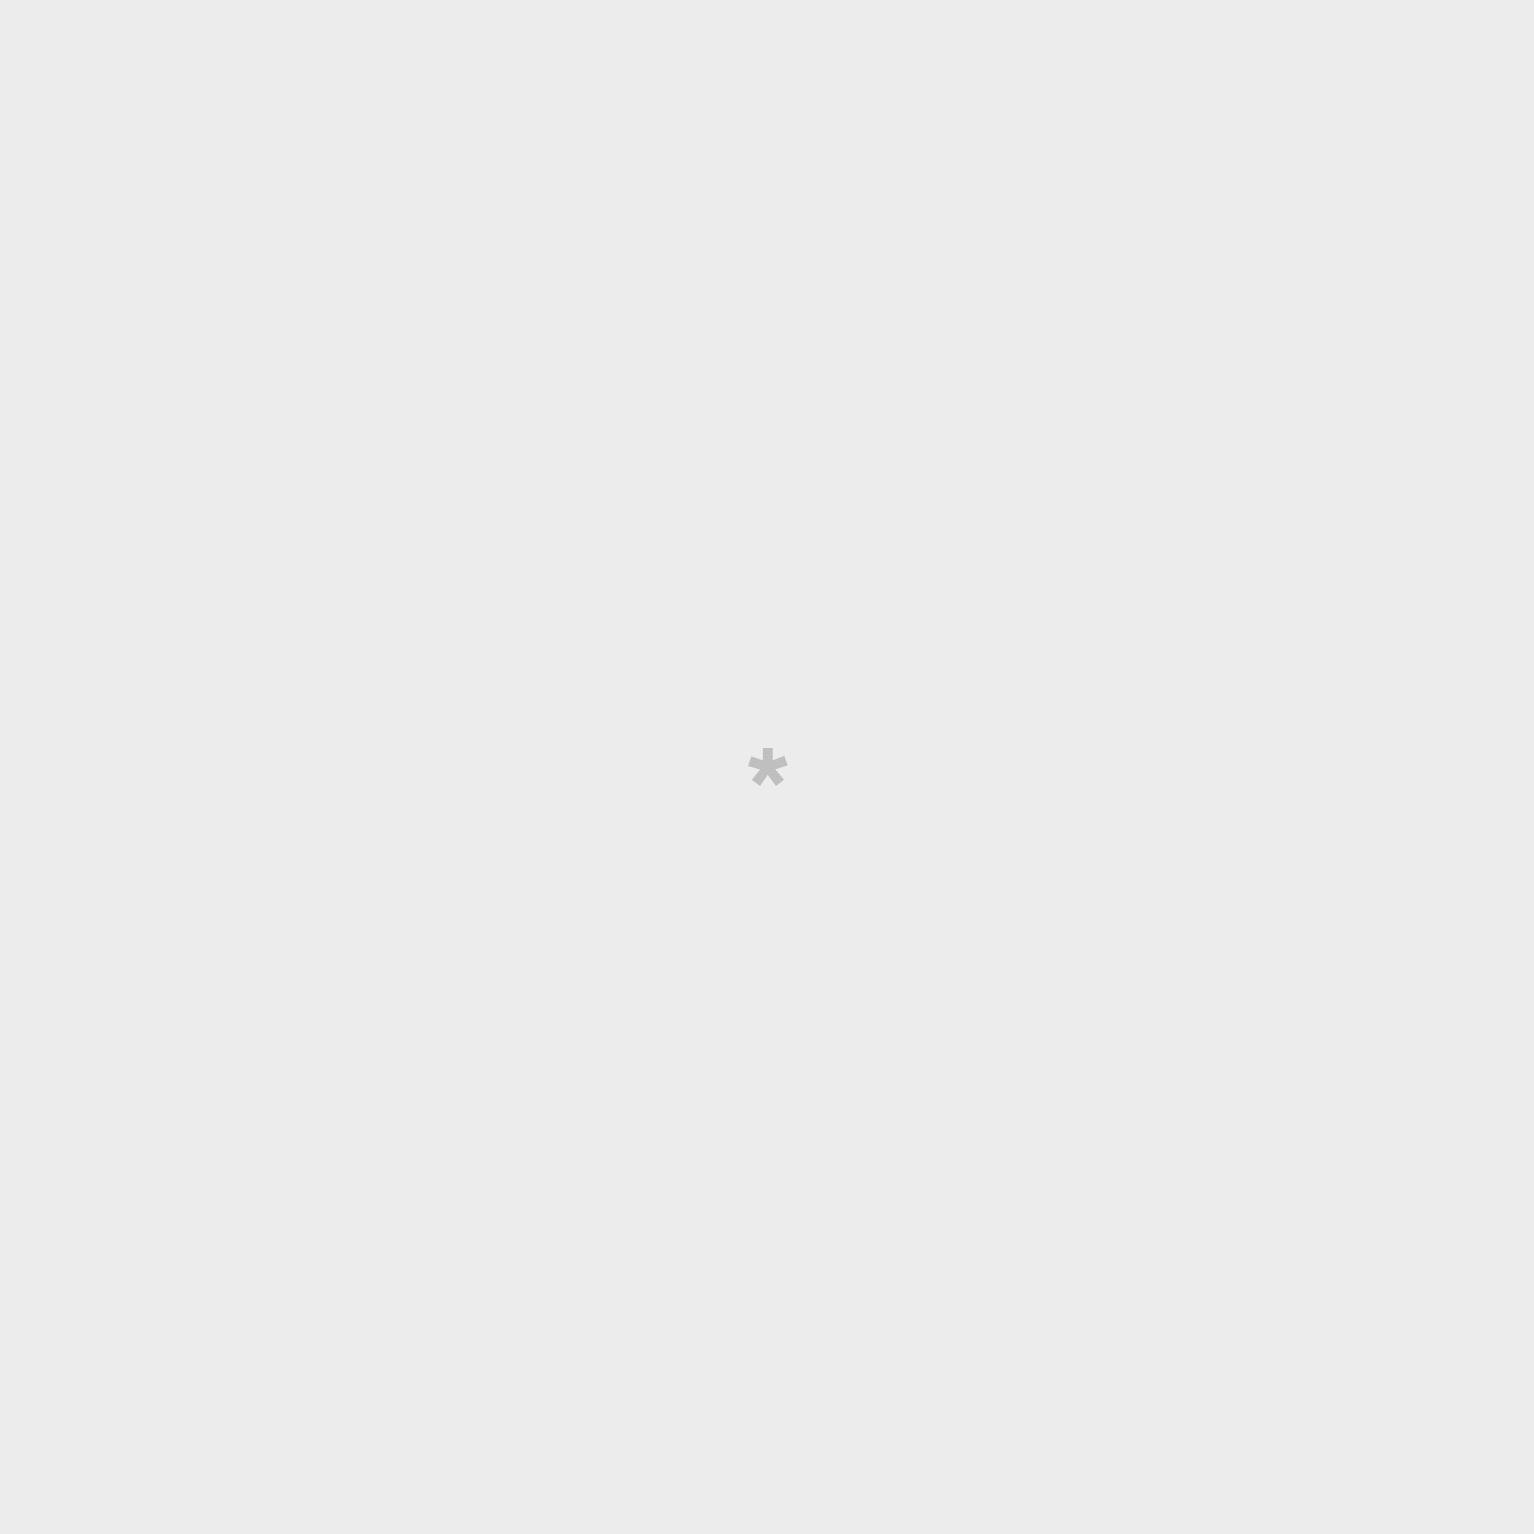 Jogo de cartas - Atreve-te, confessa ou revela...